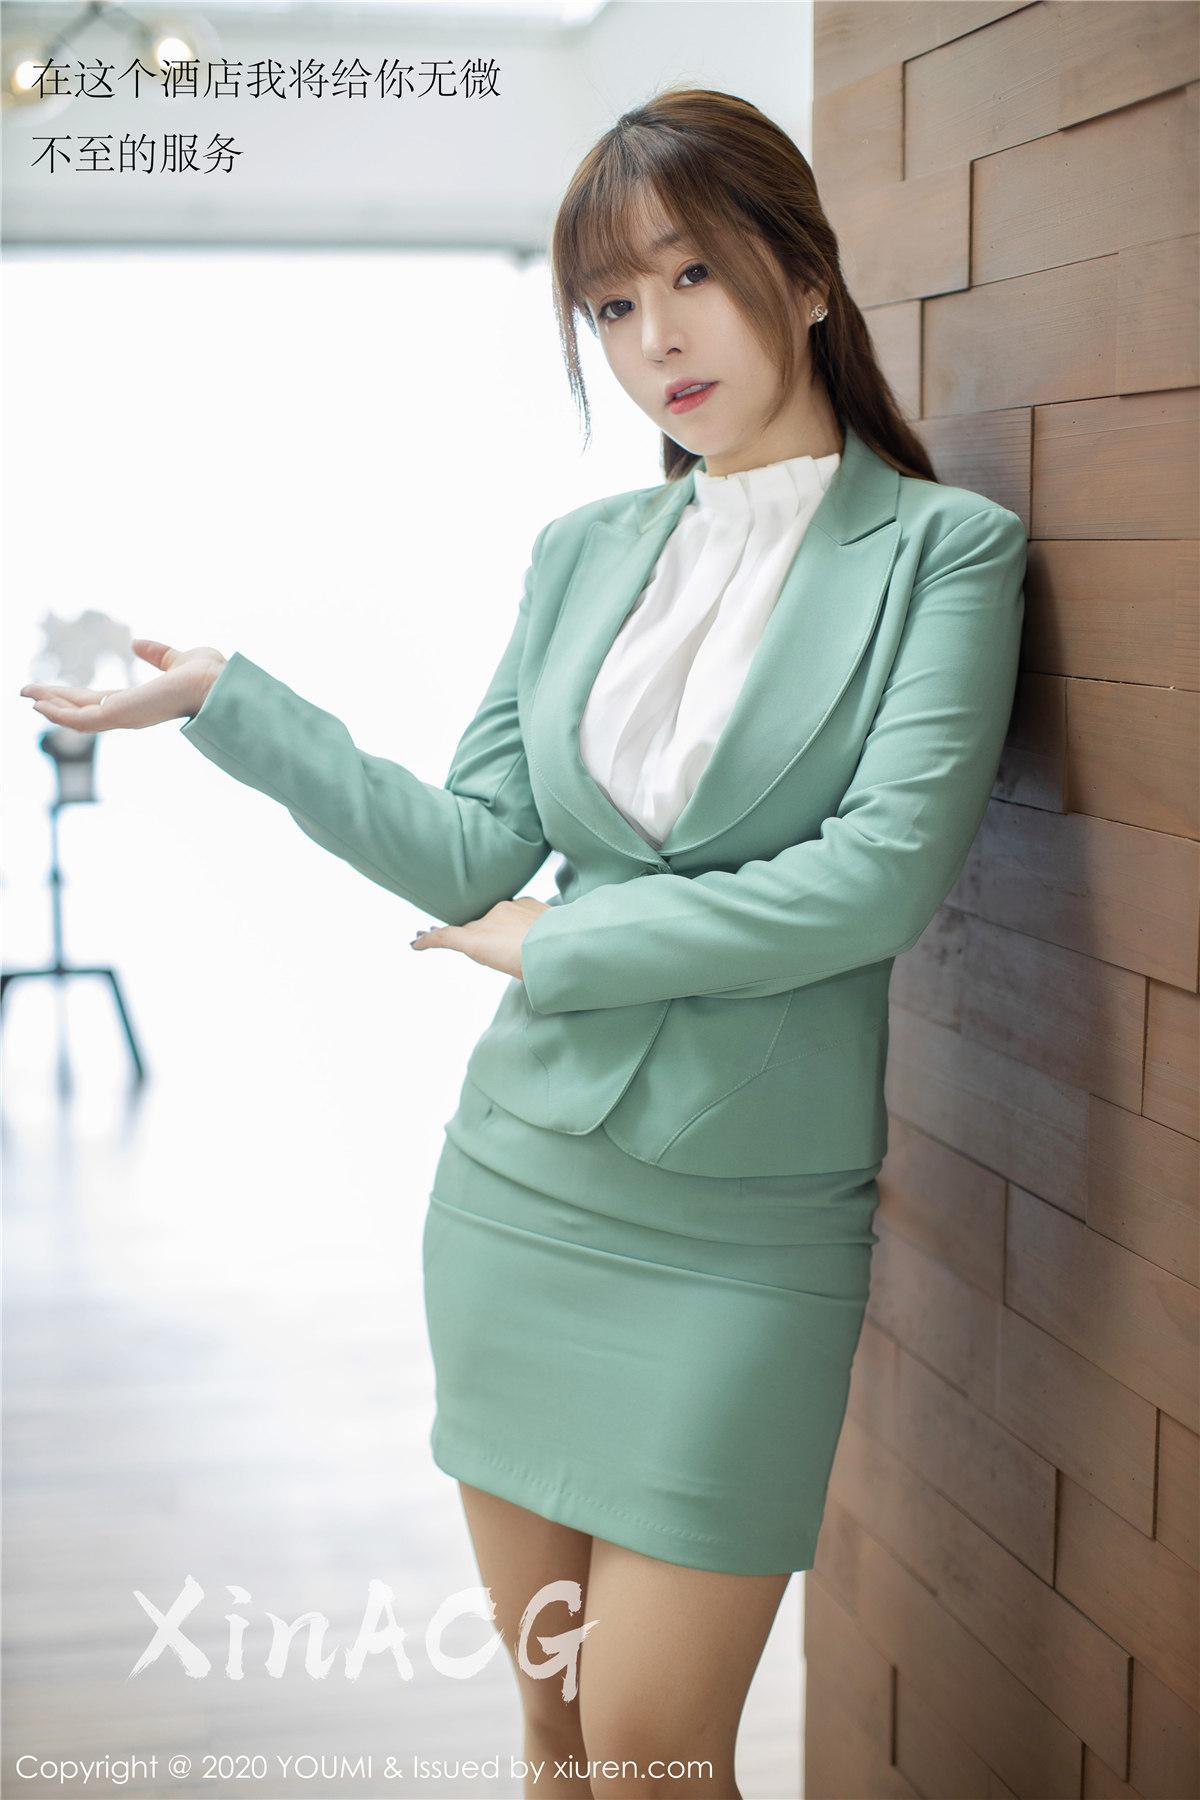 性感模特写真@王雨纯(王语纯)写真 226套合集[56G]